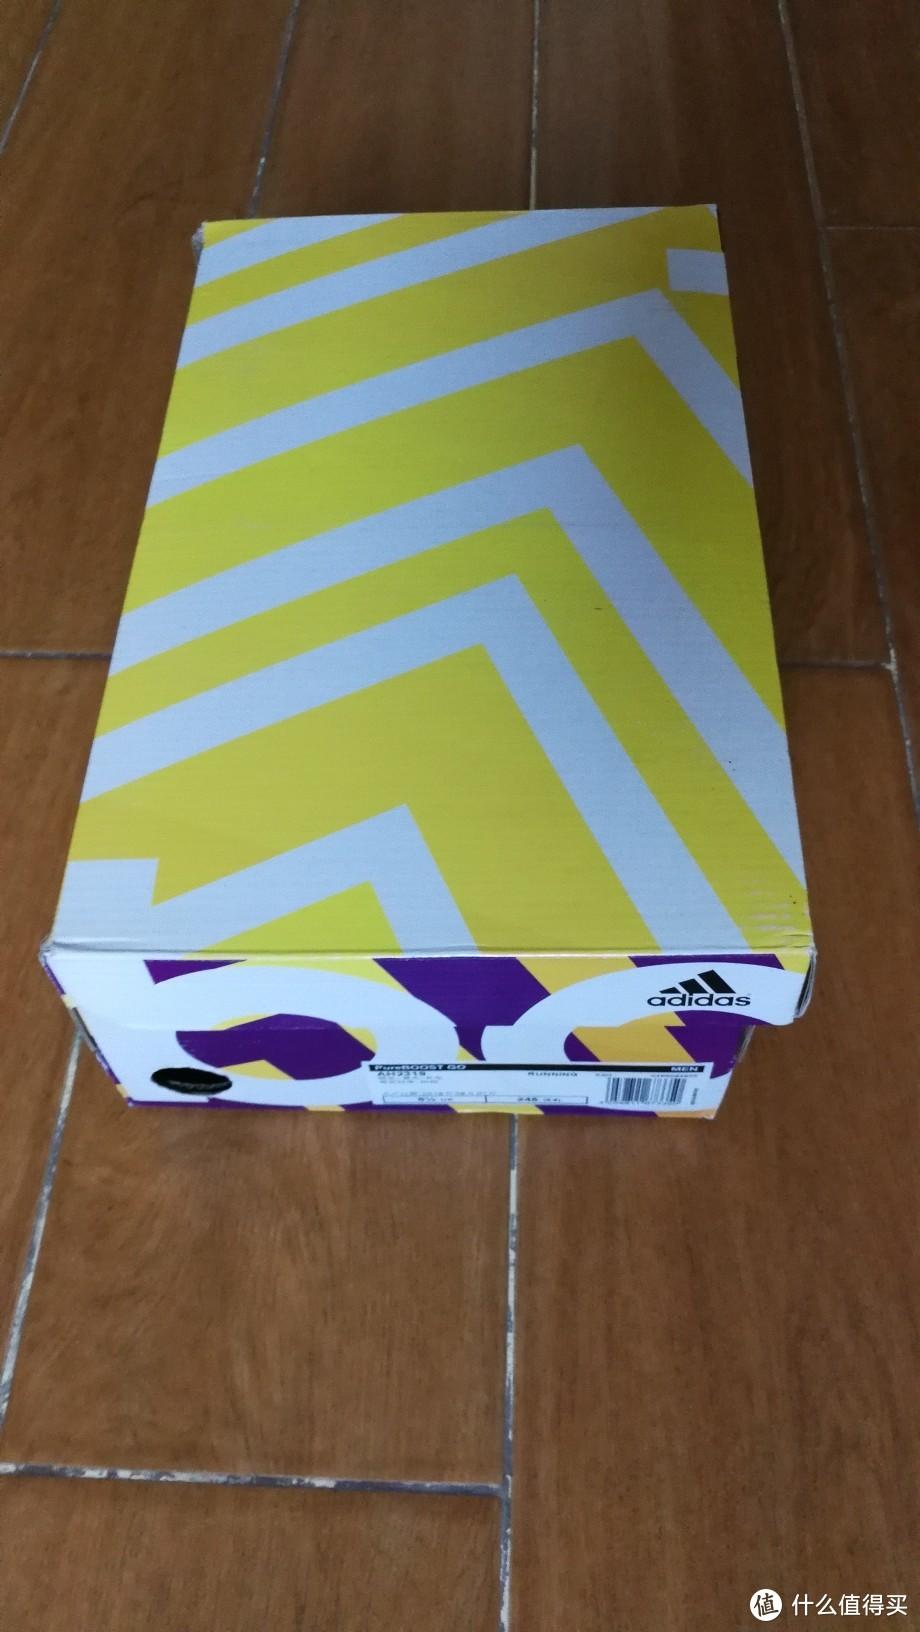 双十一入手adidas官方旗舰店的运动鞋和外套